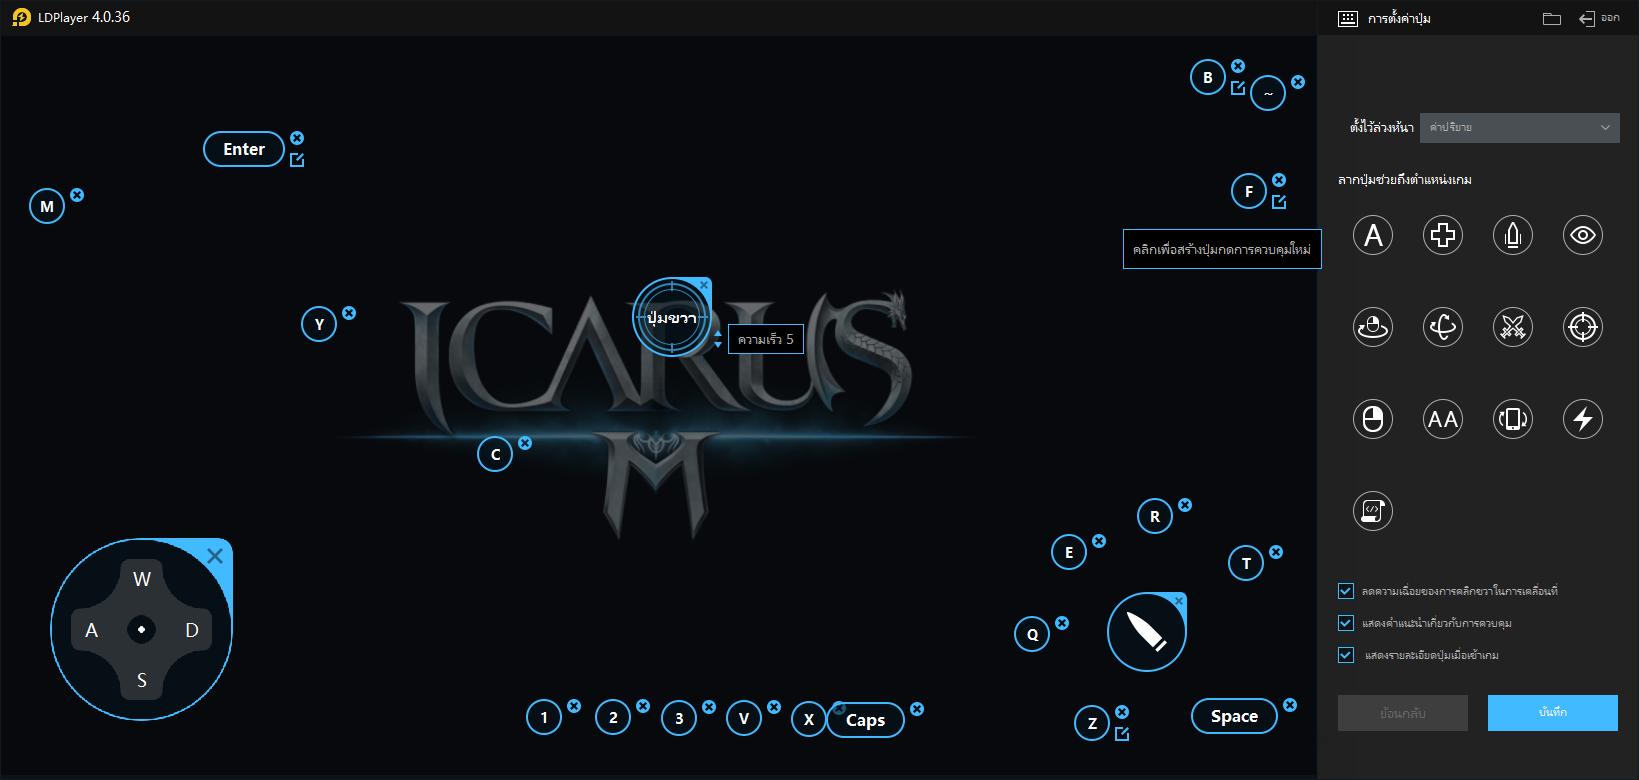 วิธีเล่น Icarus M: Riders of Icarus ด้วยโปรแกรมจำลองบน PC